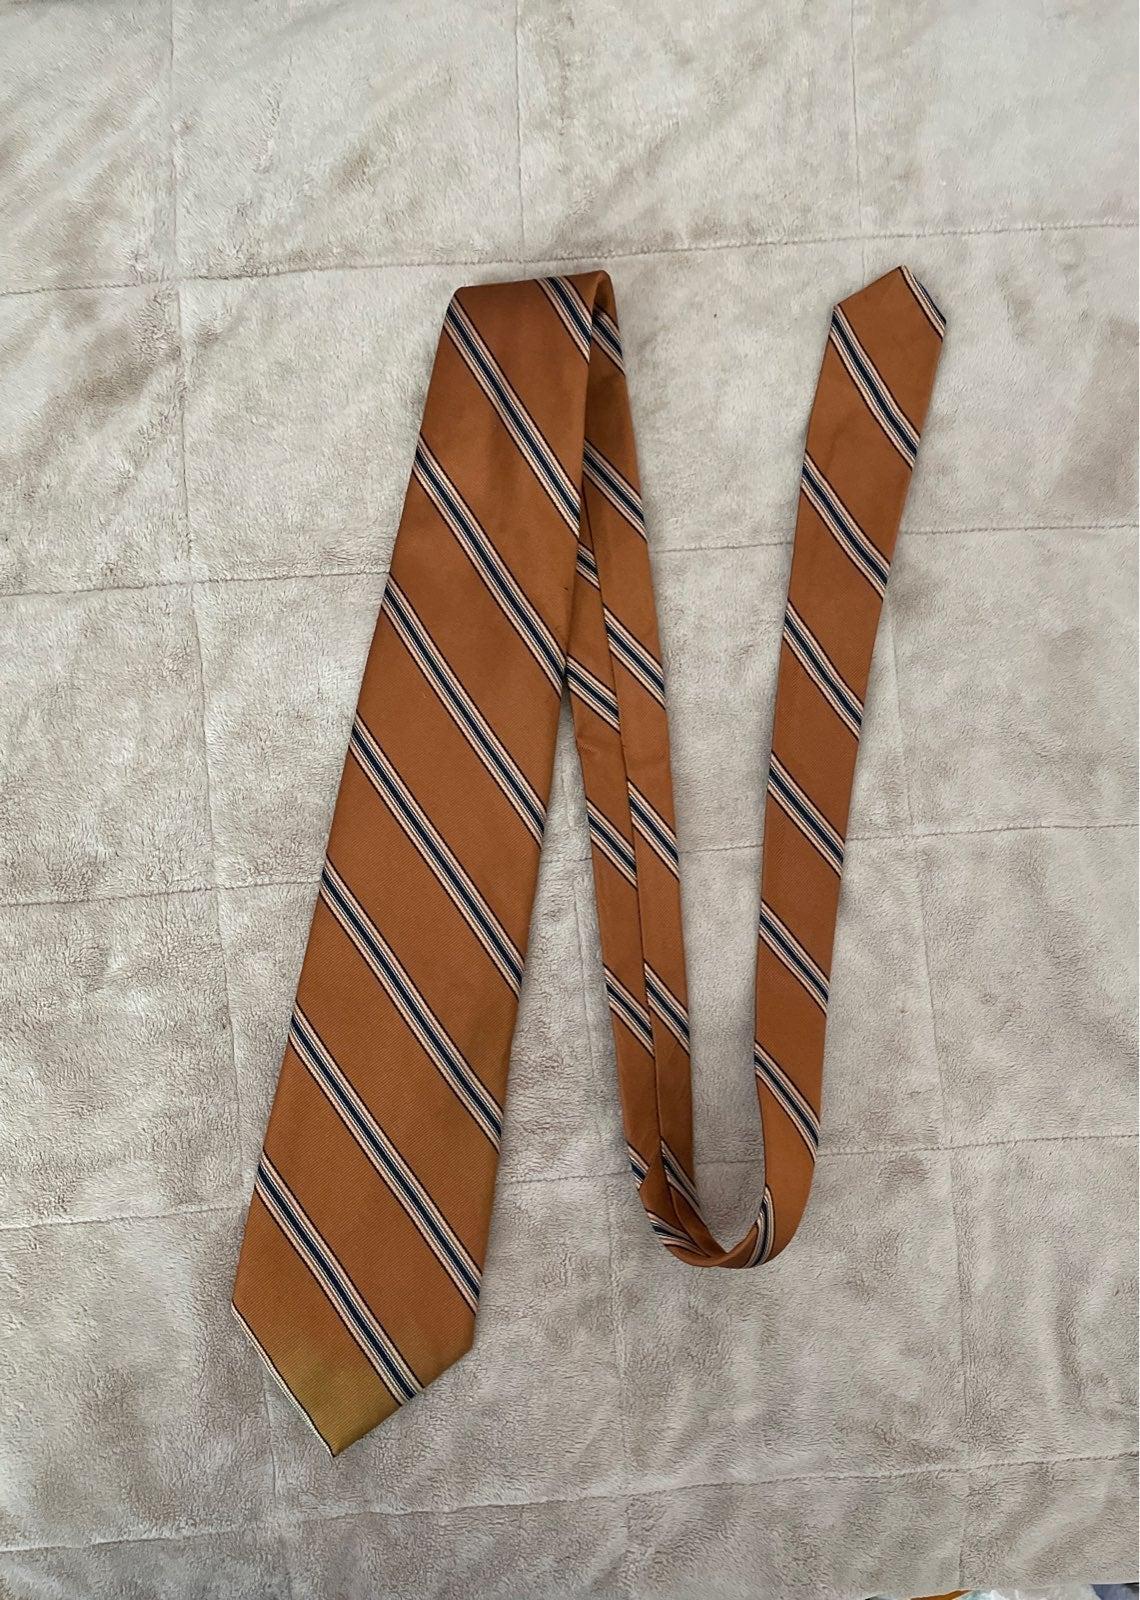 Paul Stuart vintage Mens necktie silk